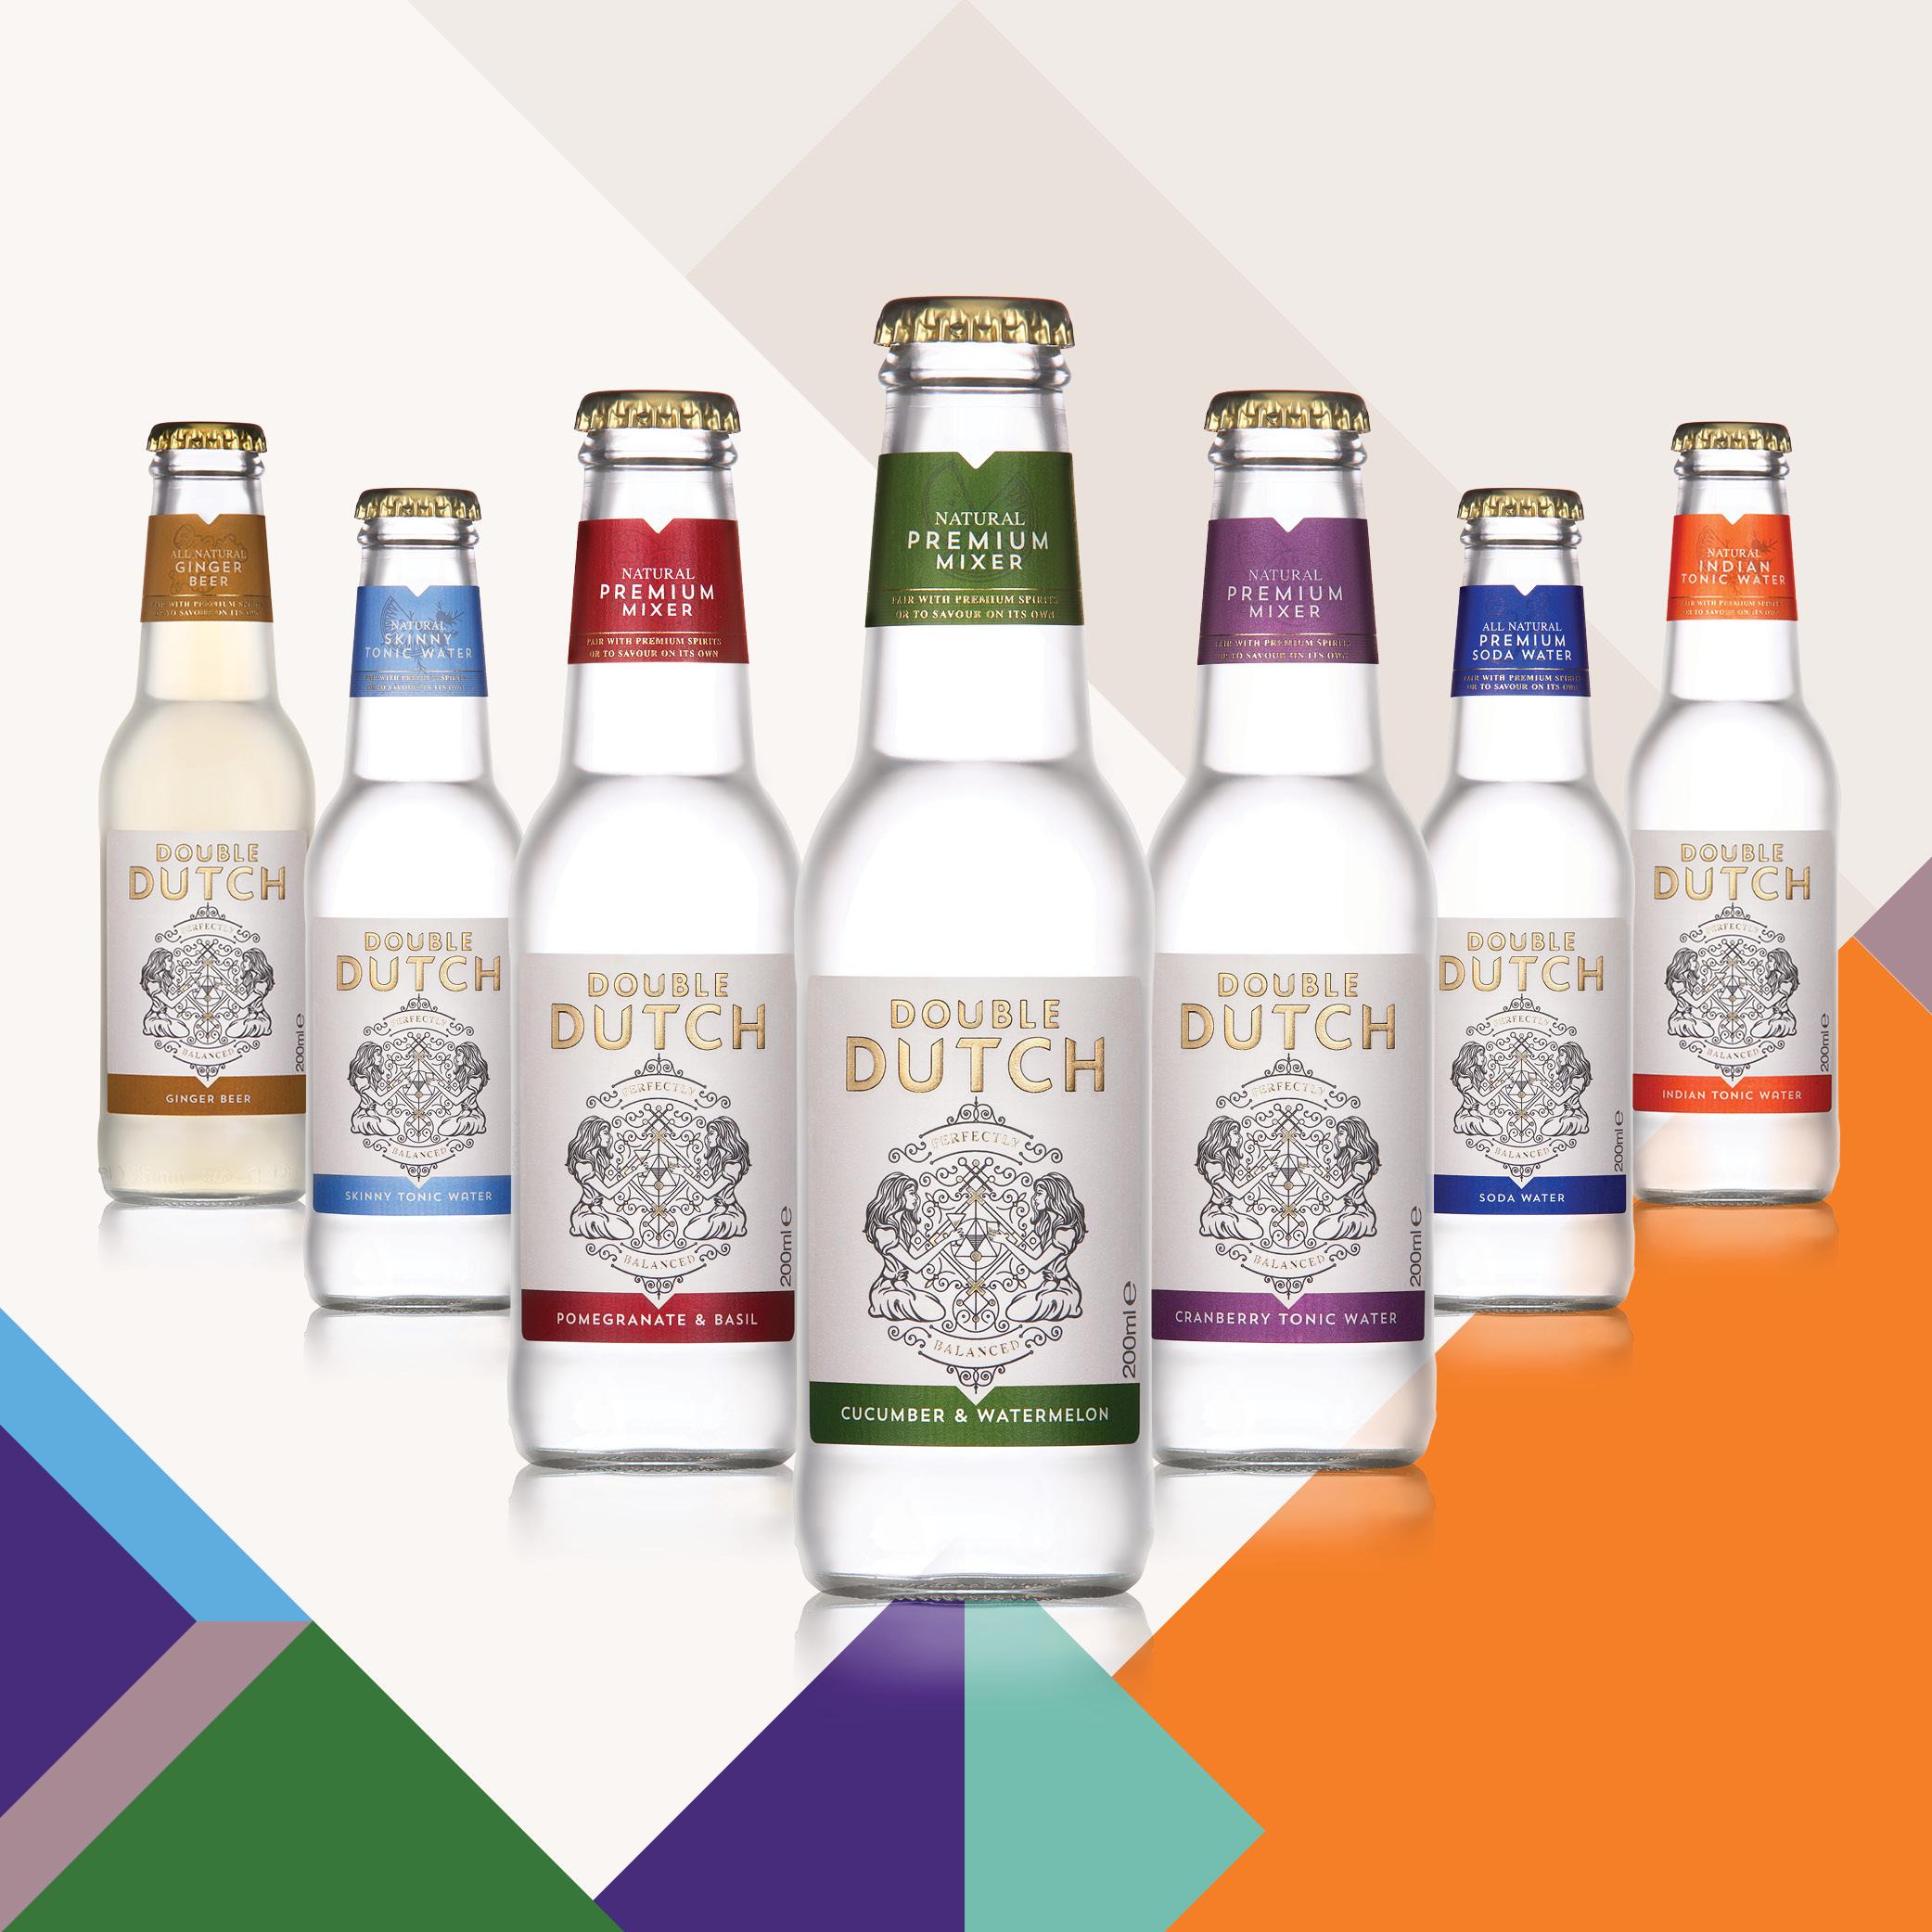 Global Beverage Brands Melbourne Summer Farm Cider